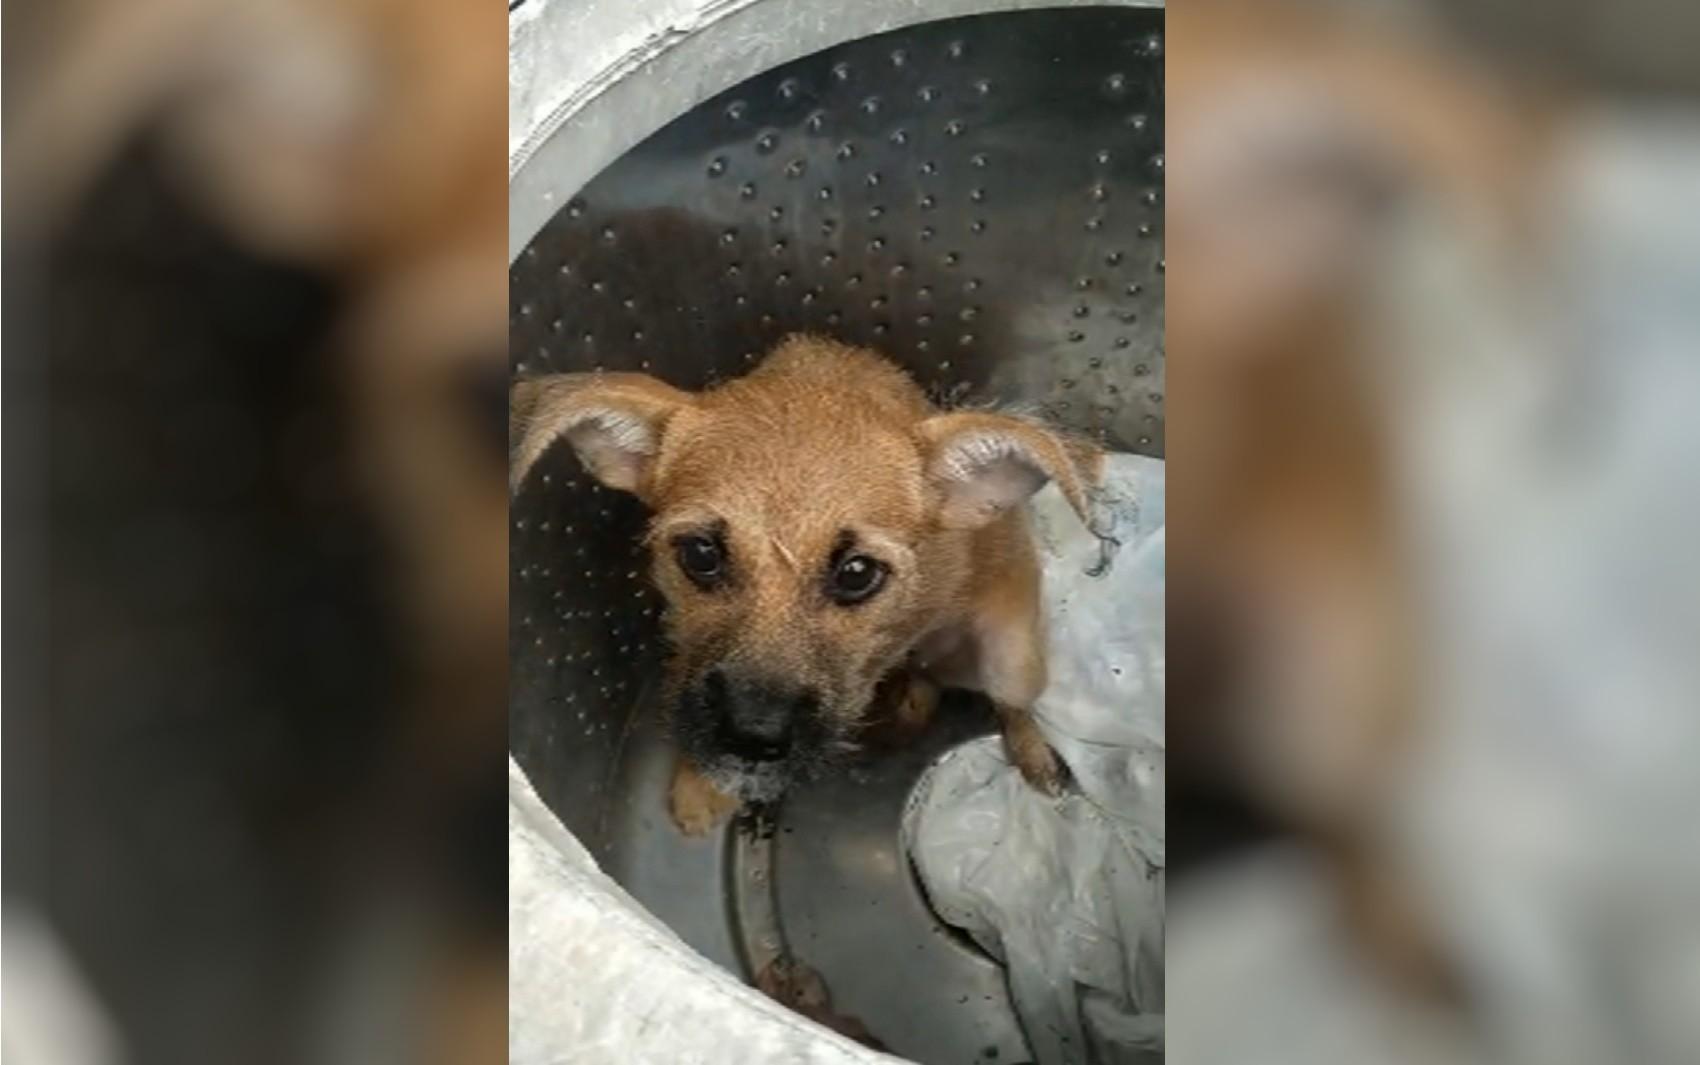 Cadela aguarda adoção após ser abandonada em lata de lixo, em Anápolis; vídeo